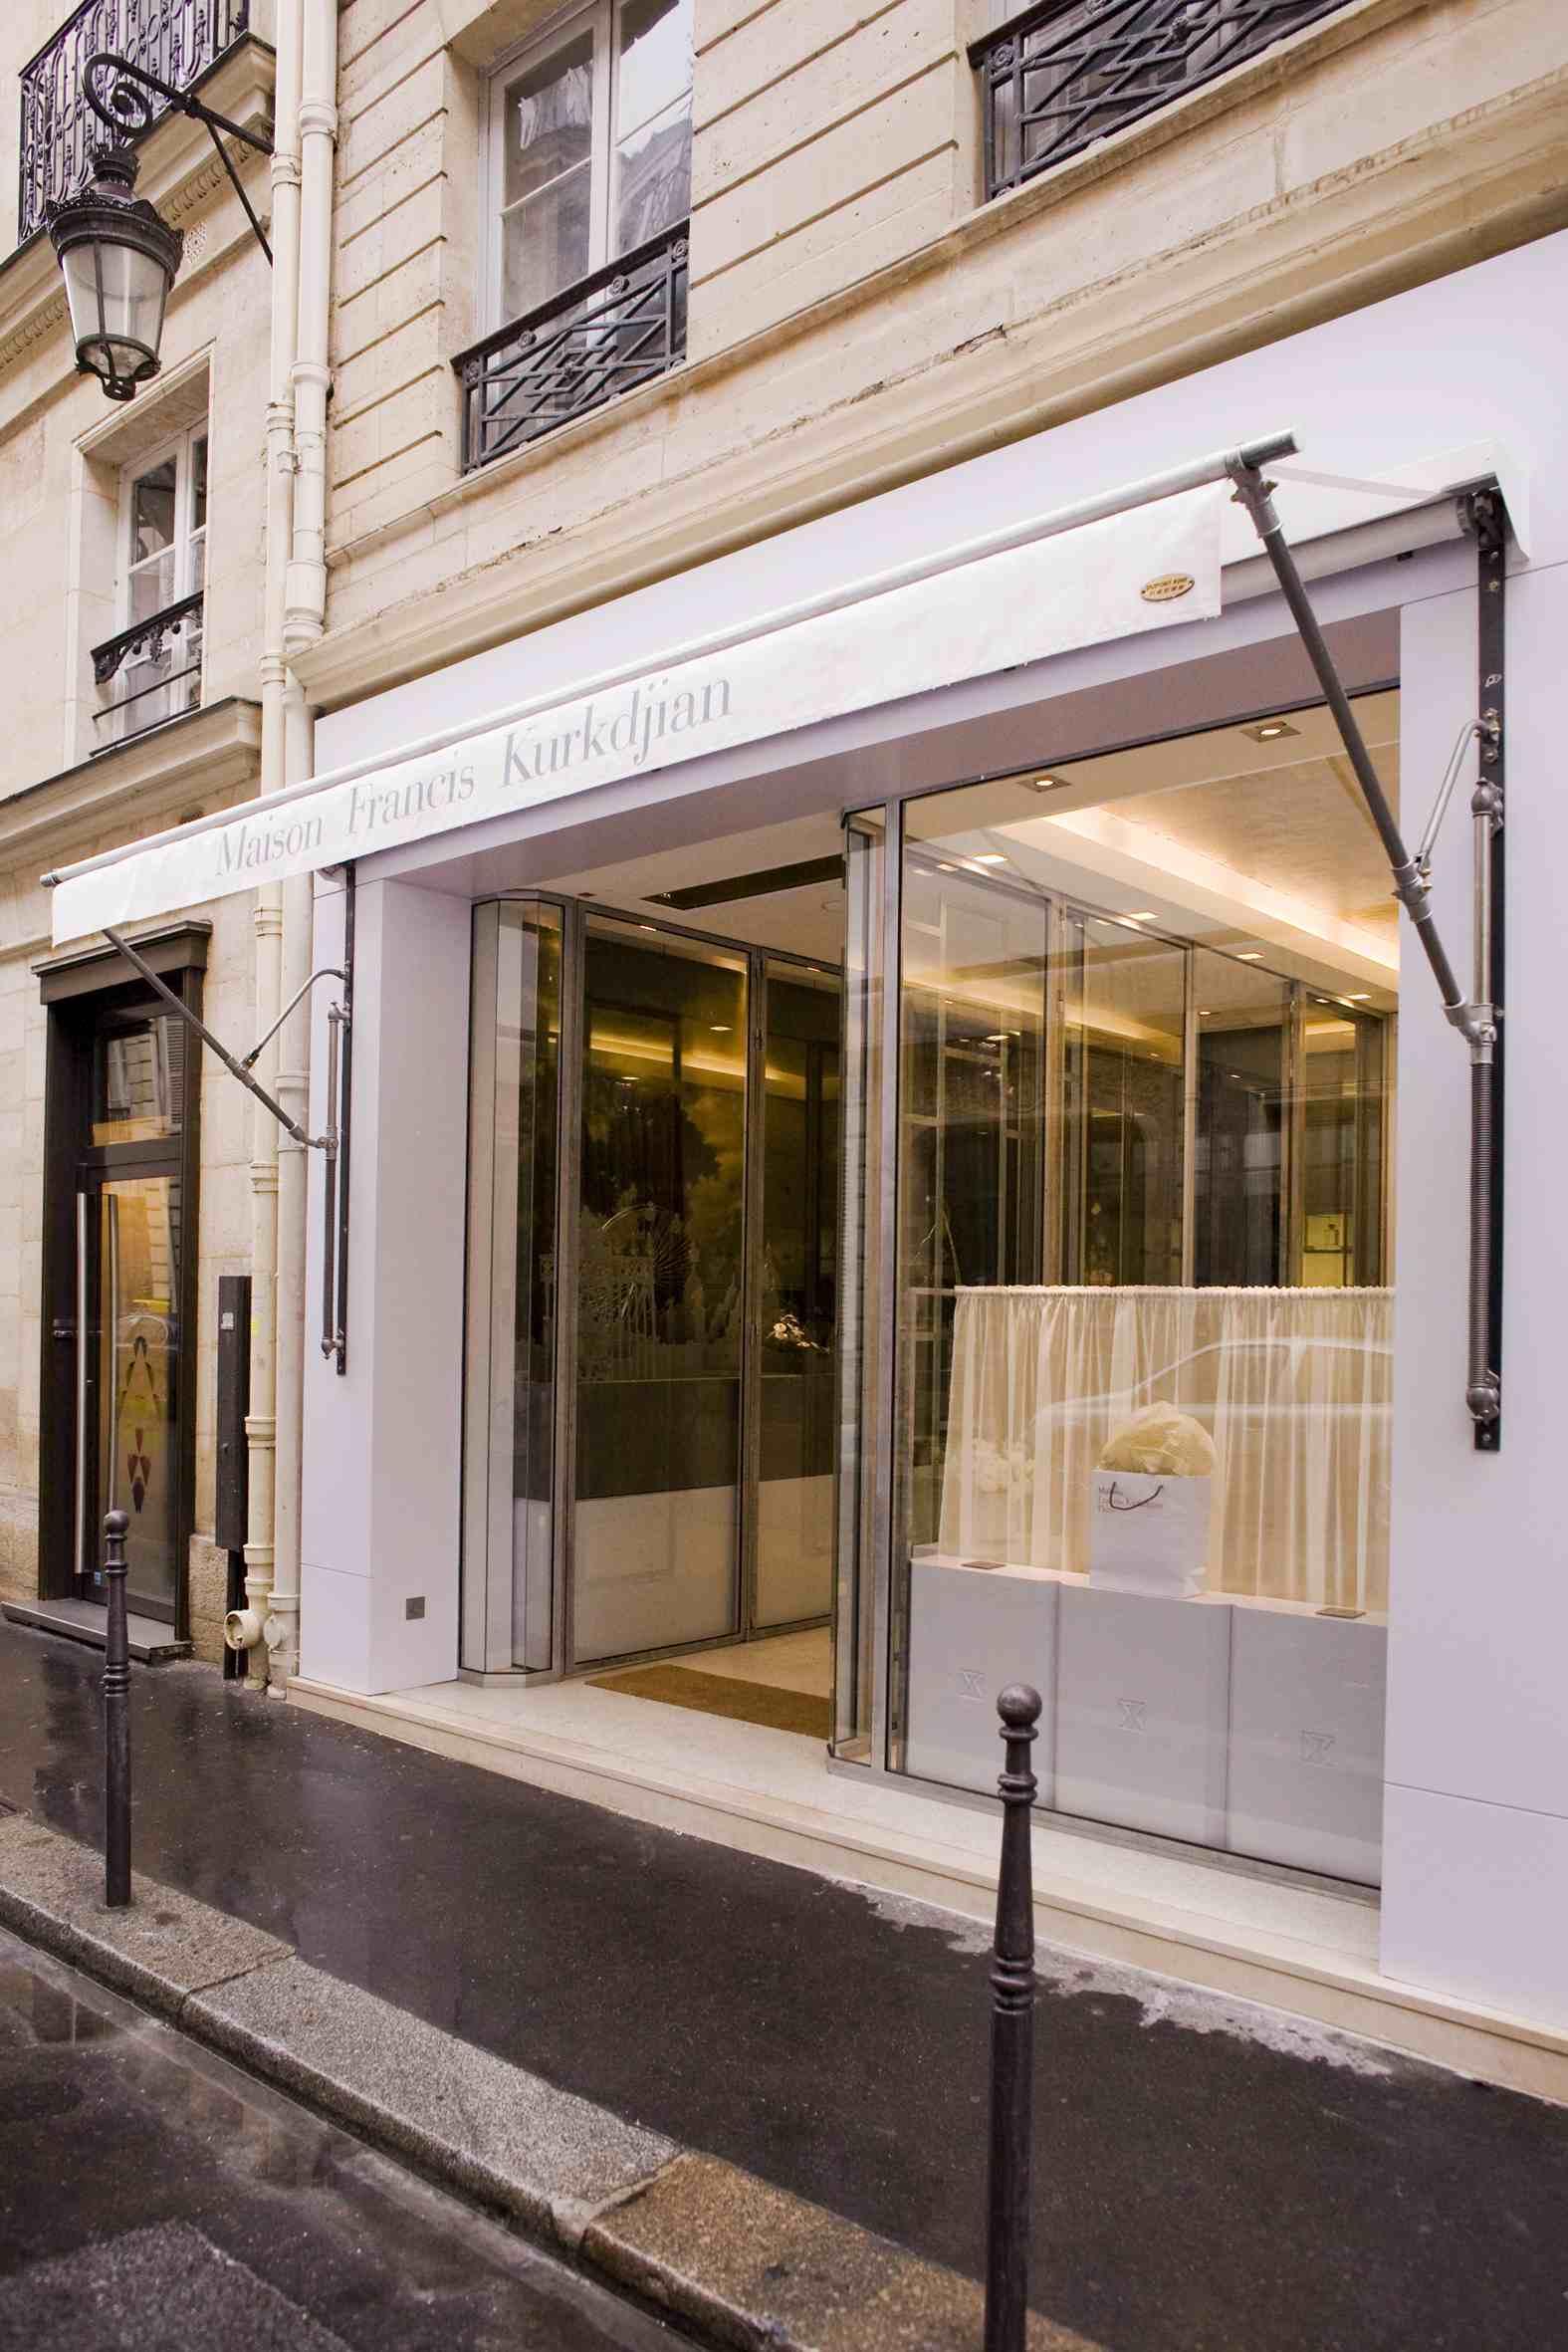 Francis Kurkdjian Maison Shop Boutique Paris